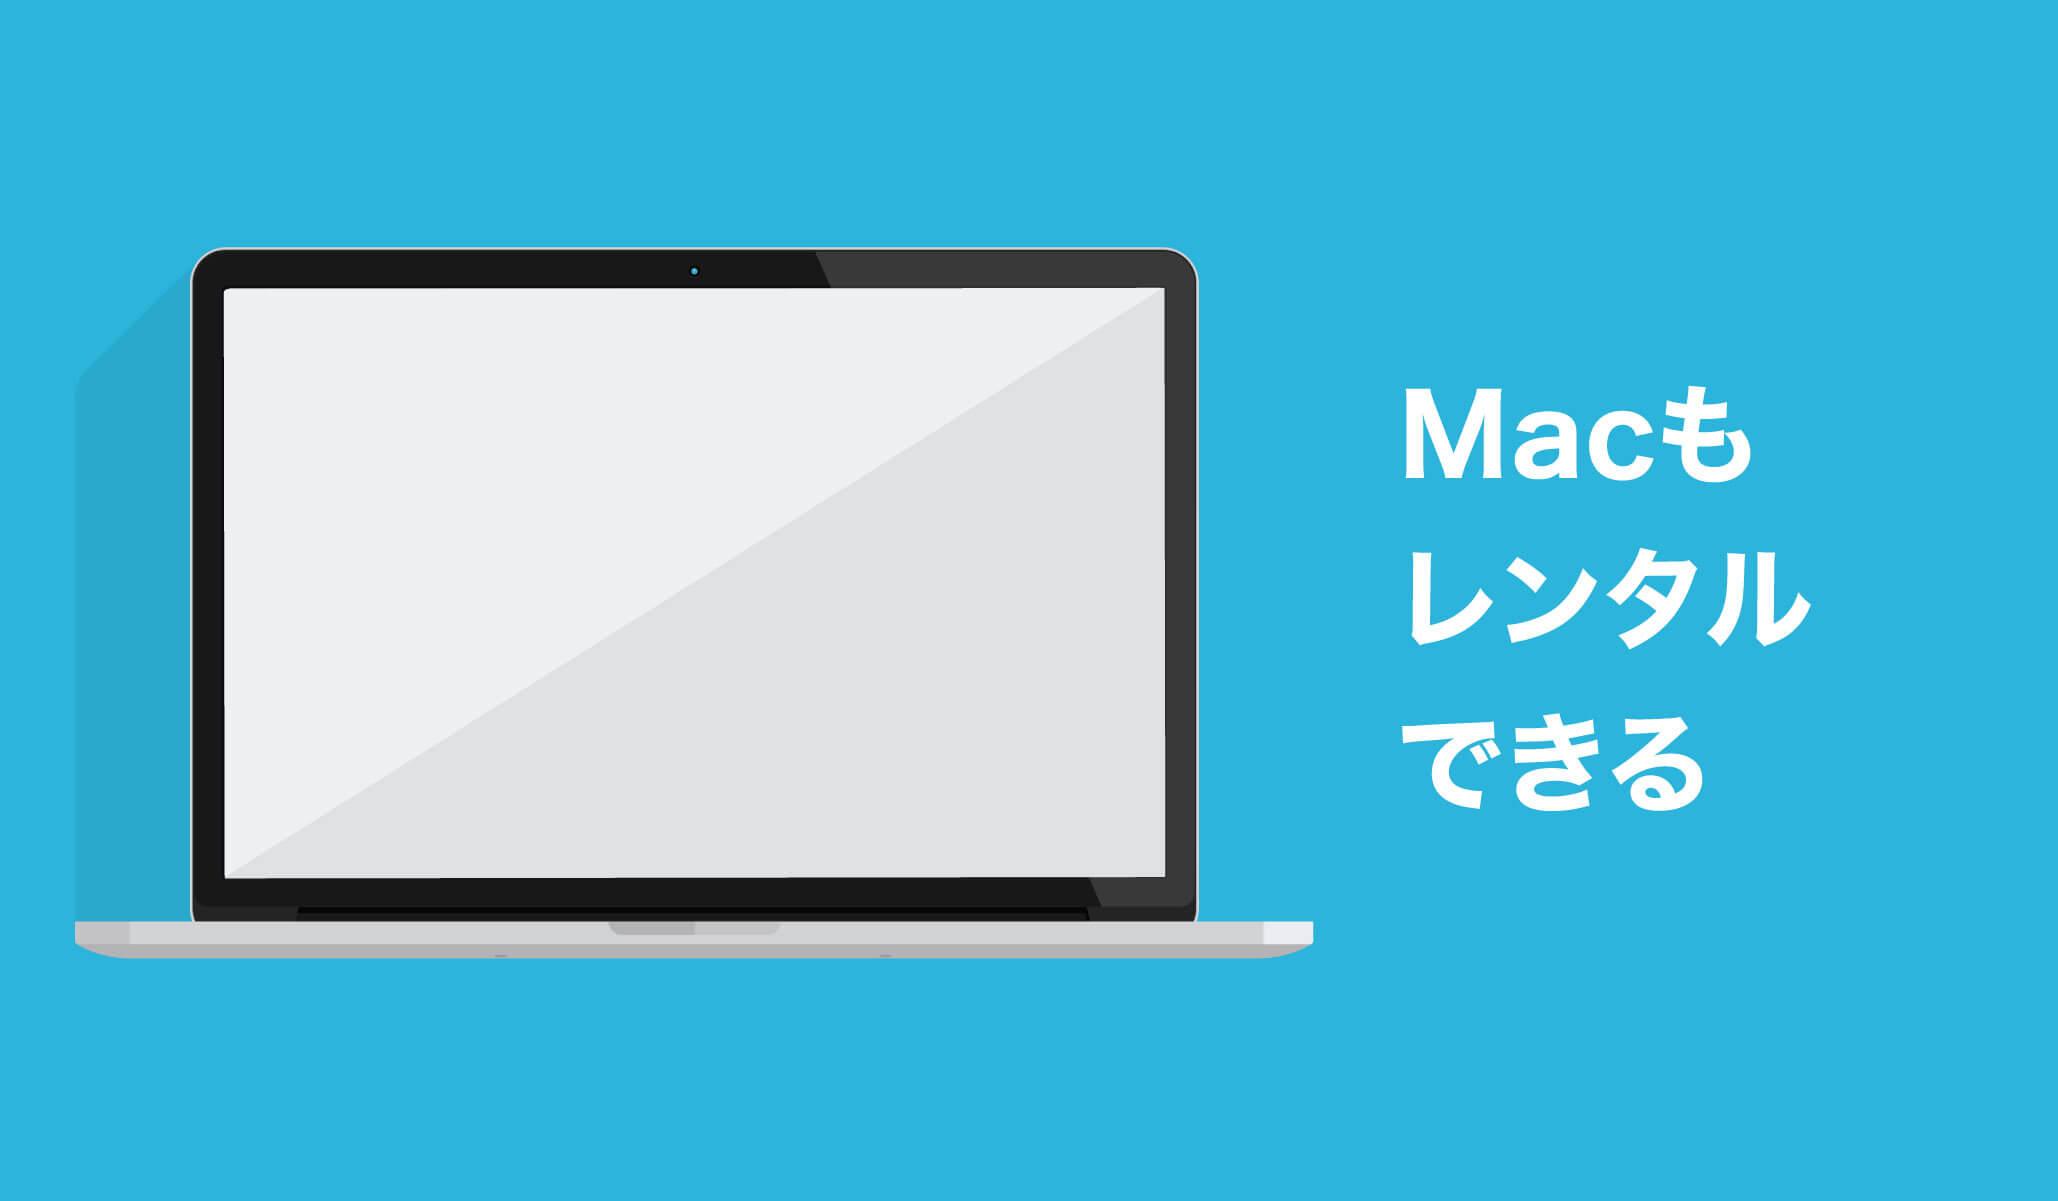 Macもレンタルできる